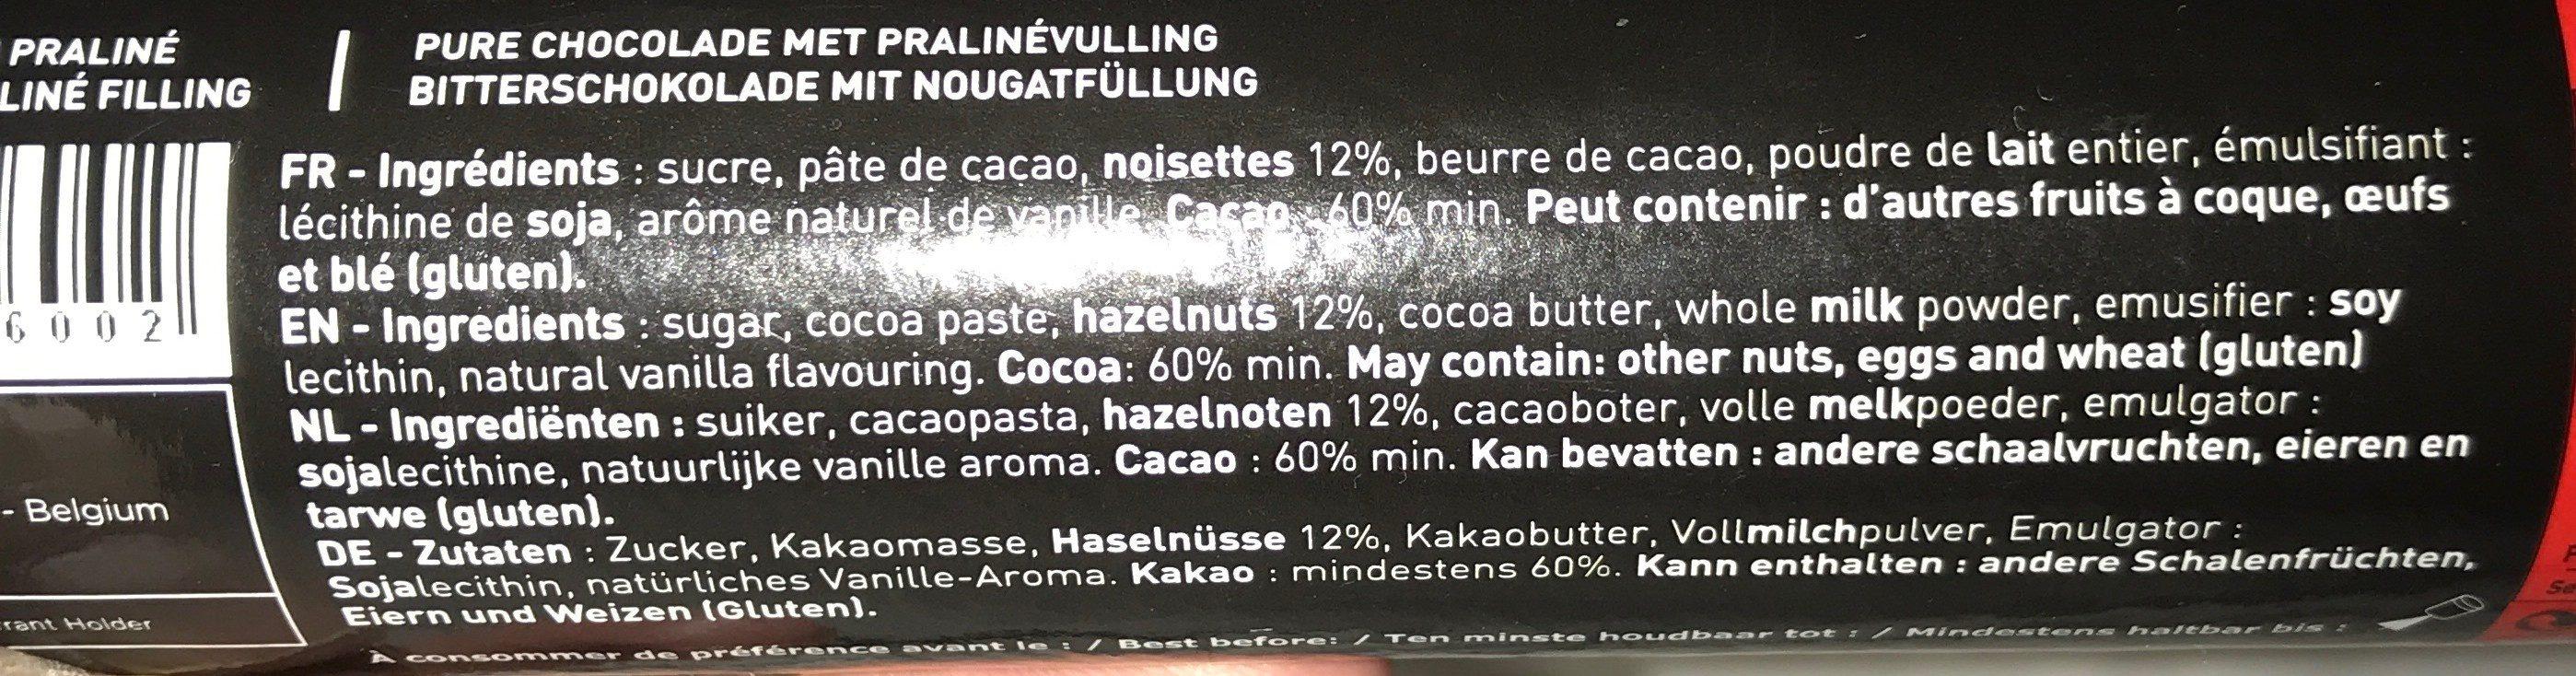 Bouchees Pralines-dark 9 Pralinen - Ingredients - fr